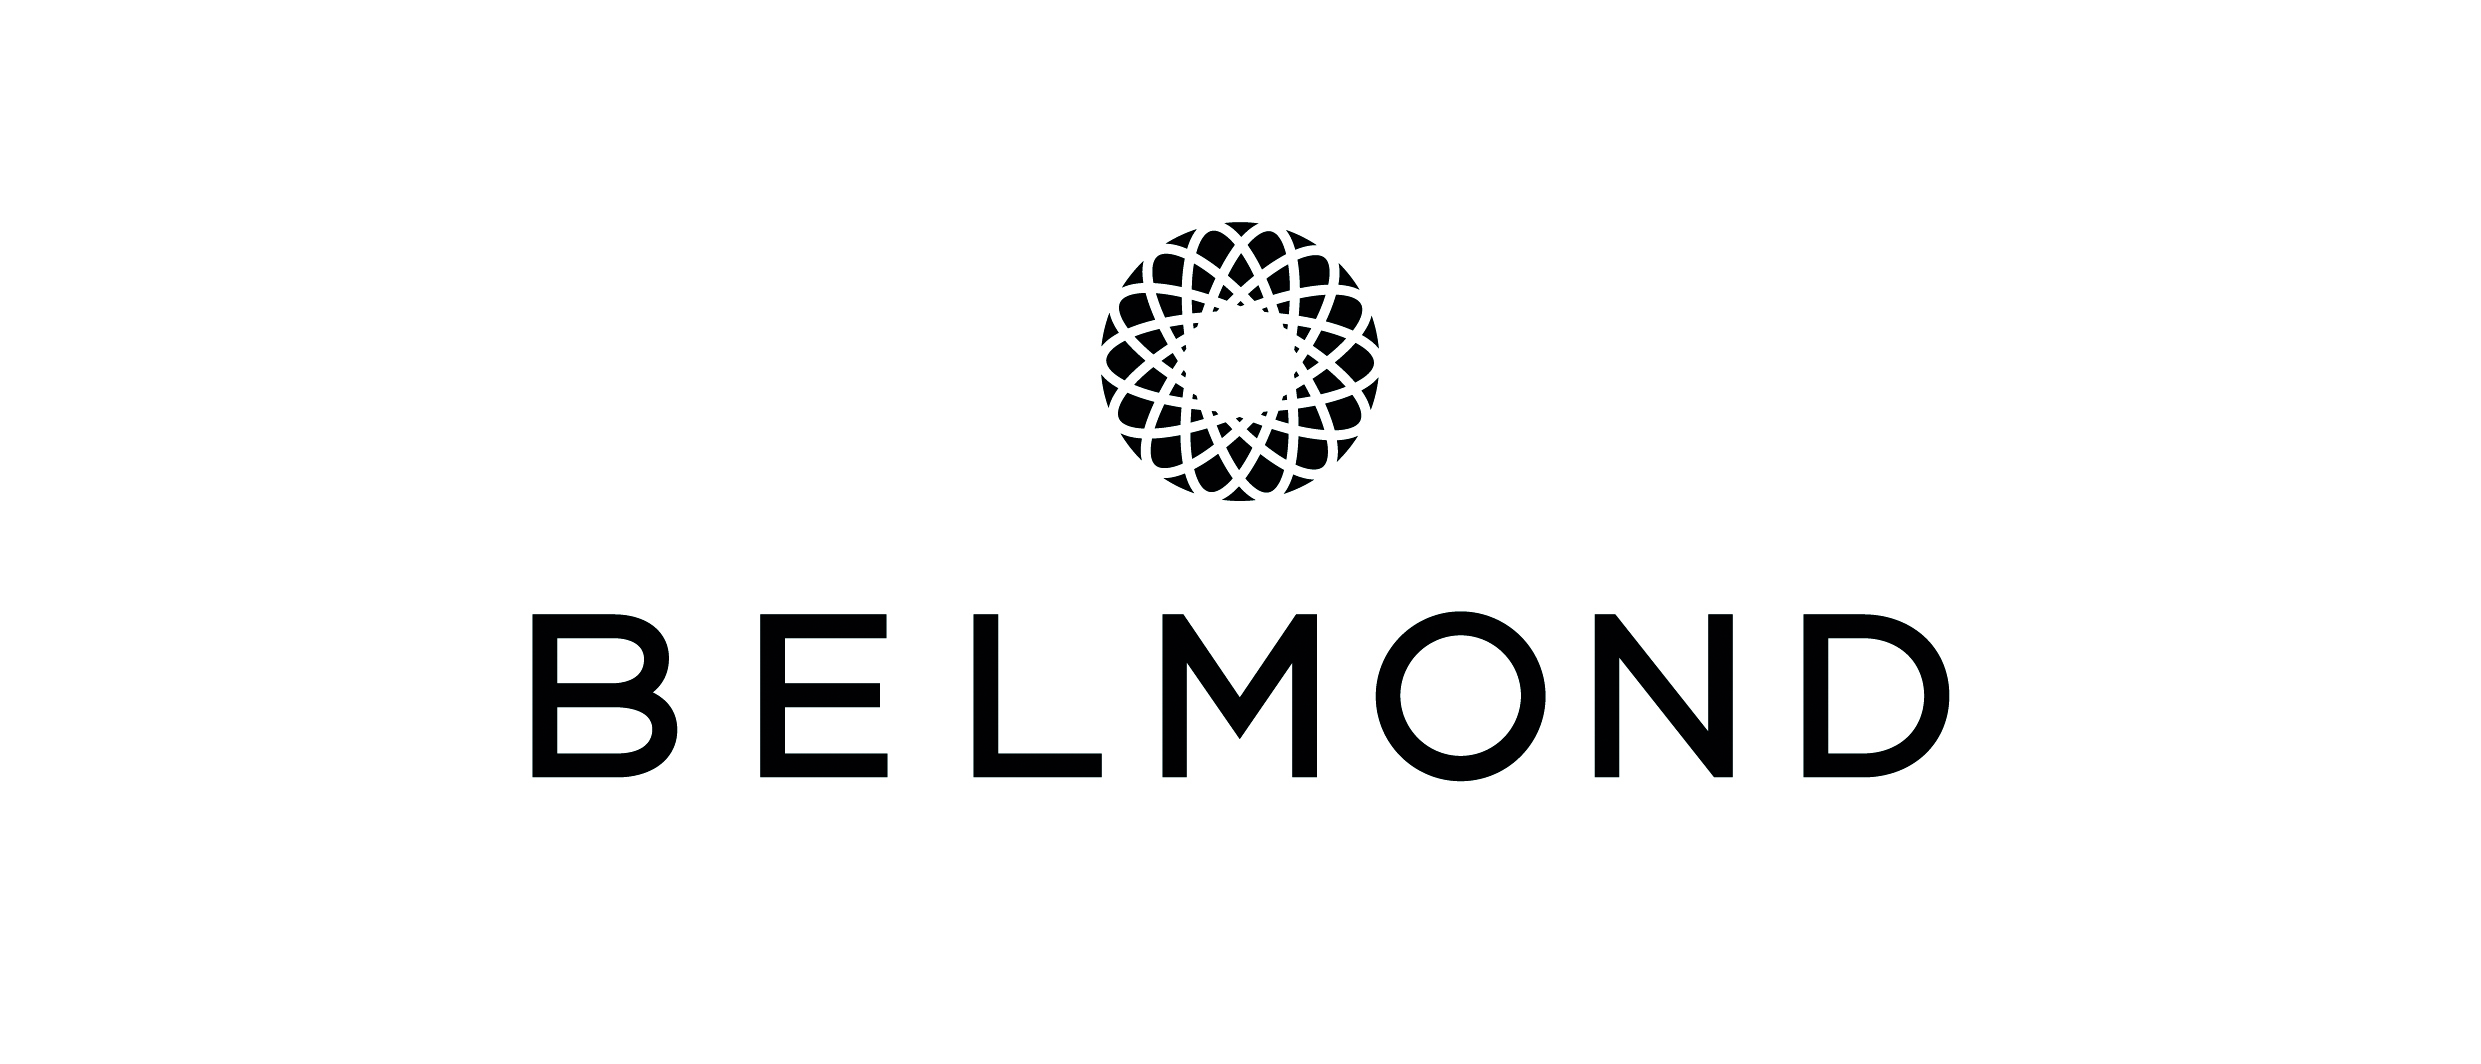 Belmond Careers